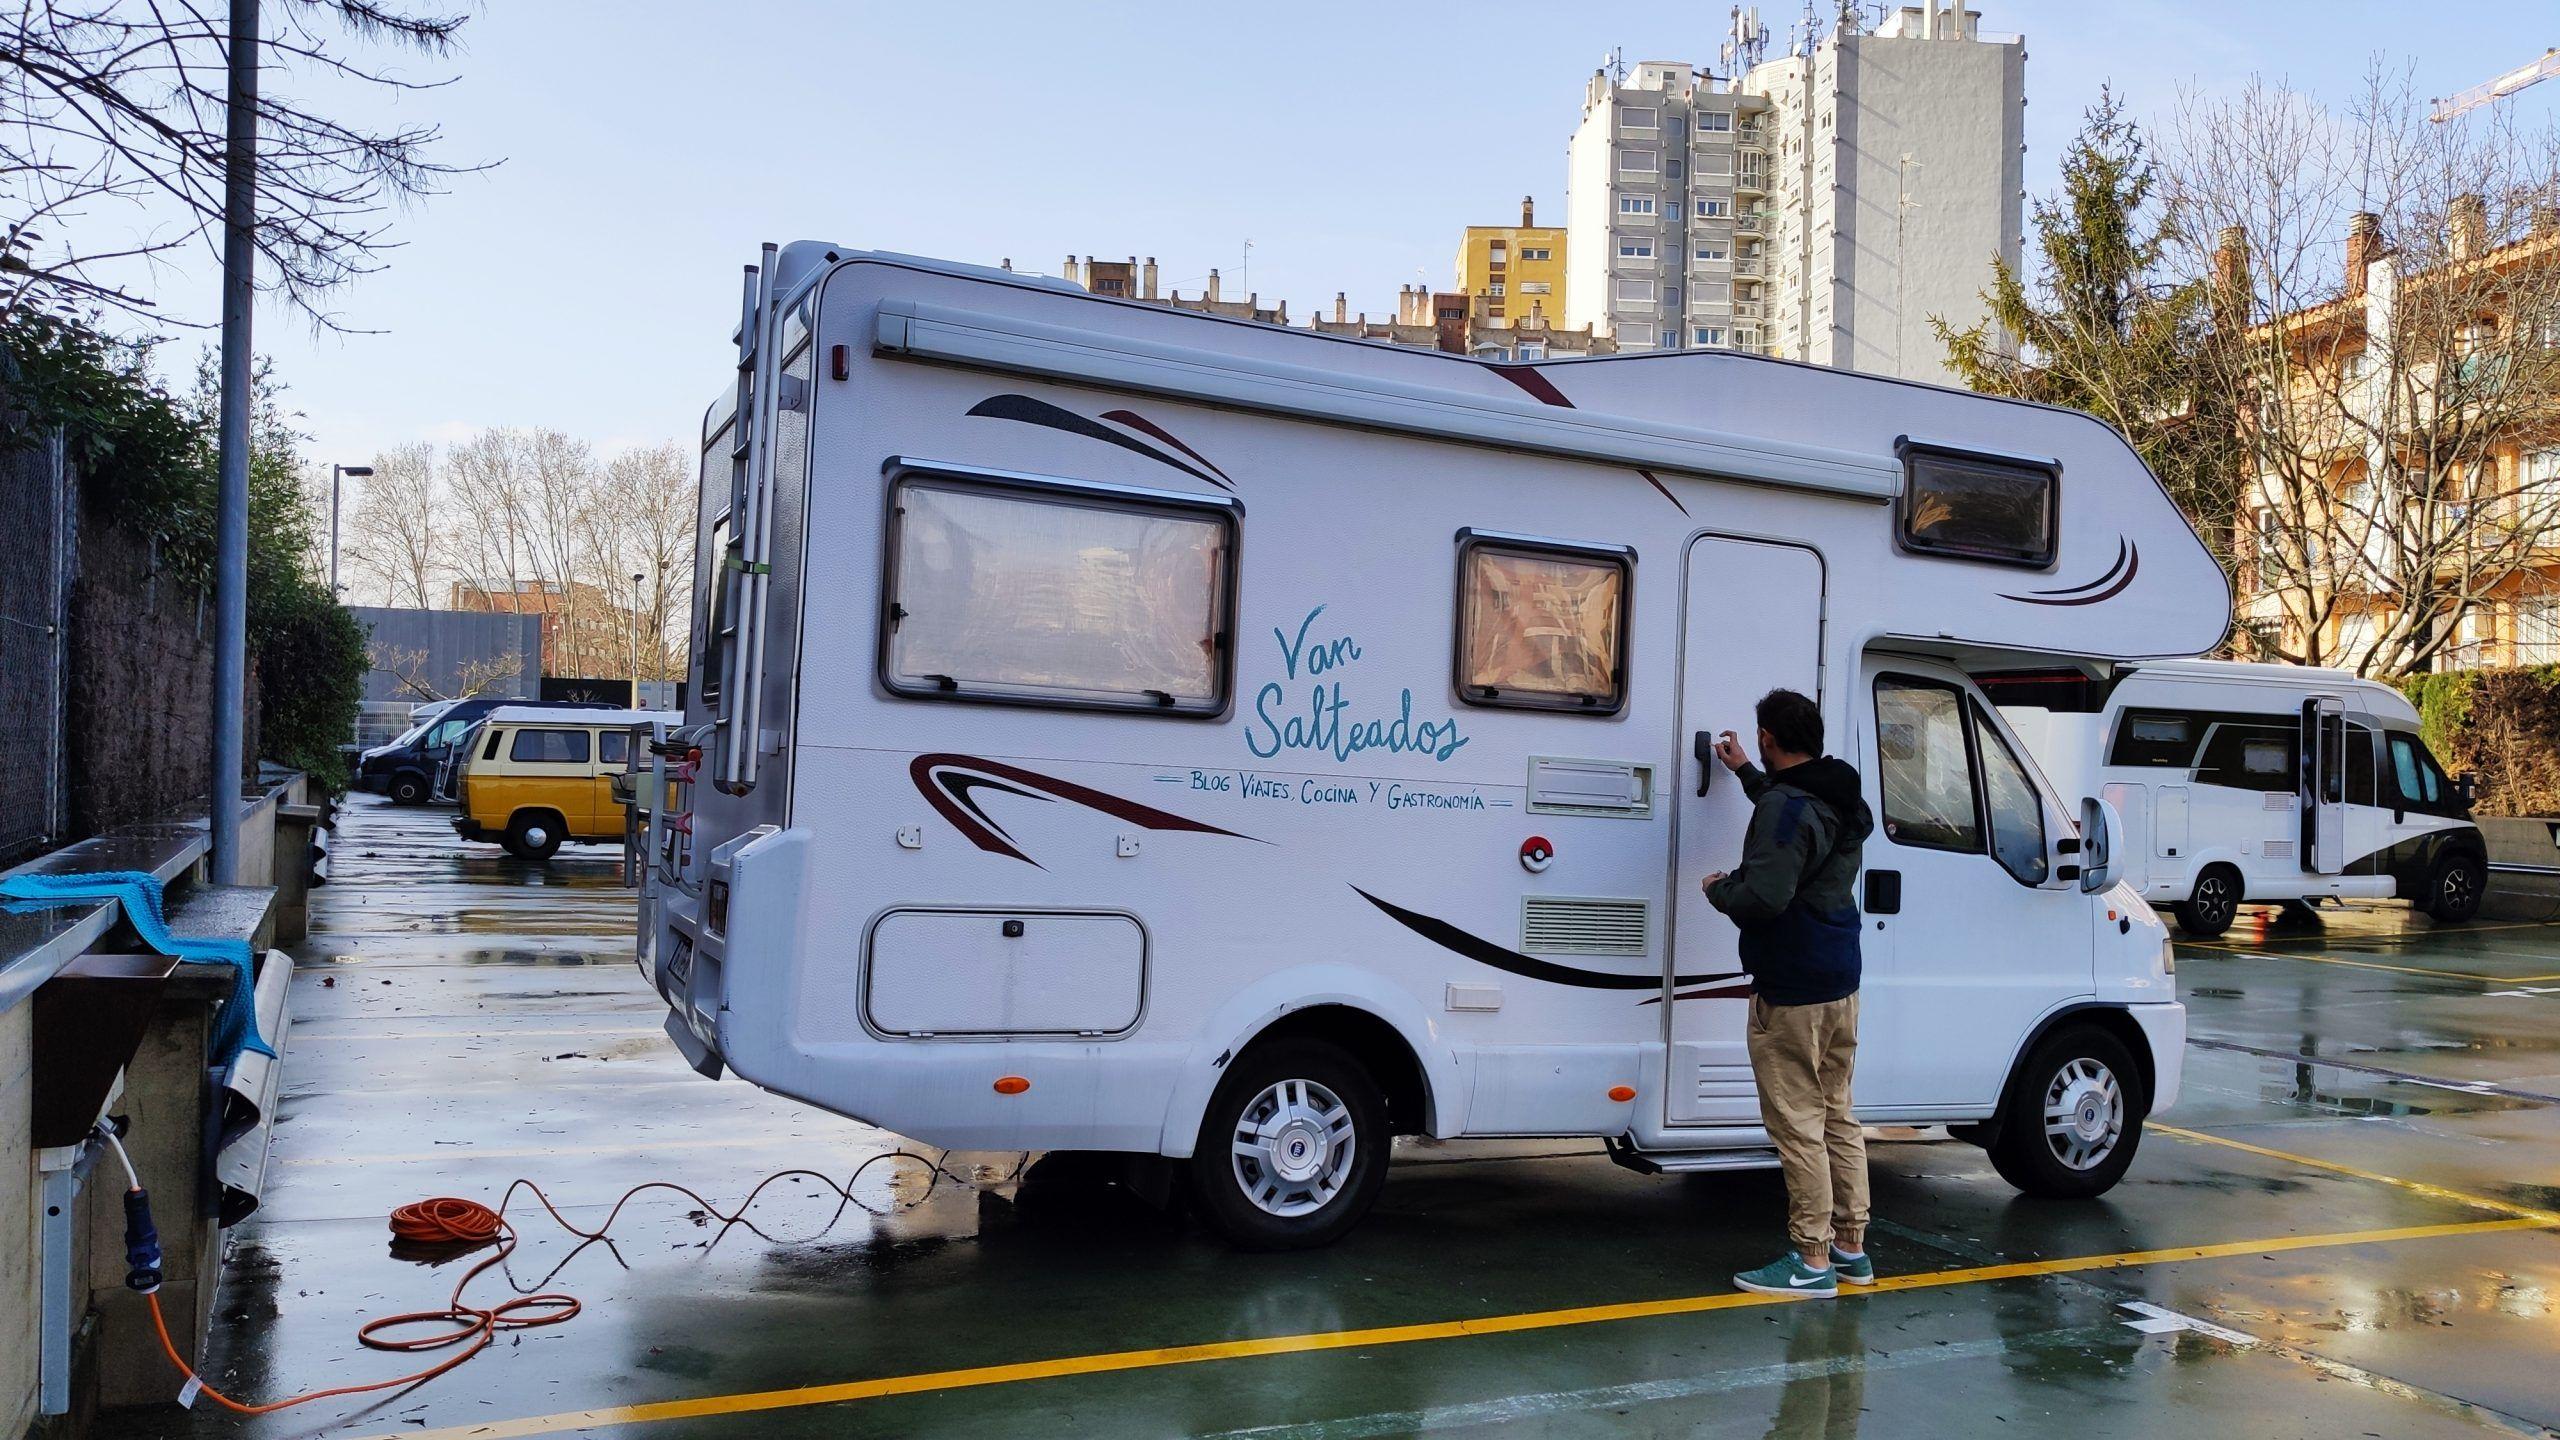 Caravana aparcada en el parking Devesa, Girona